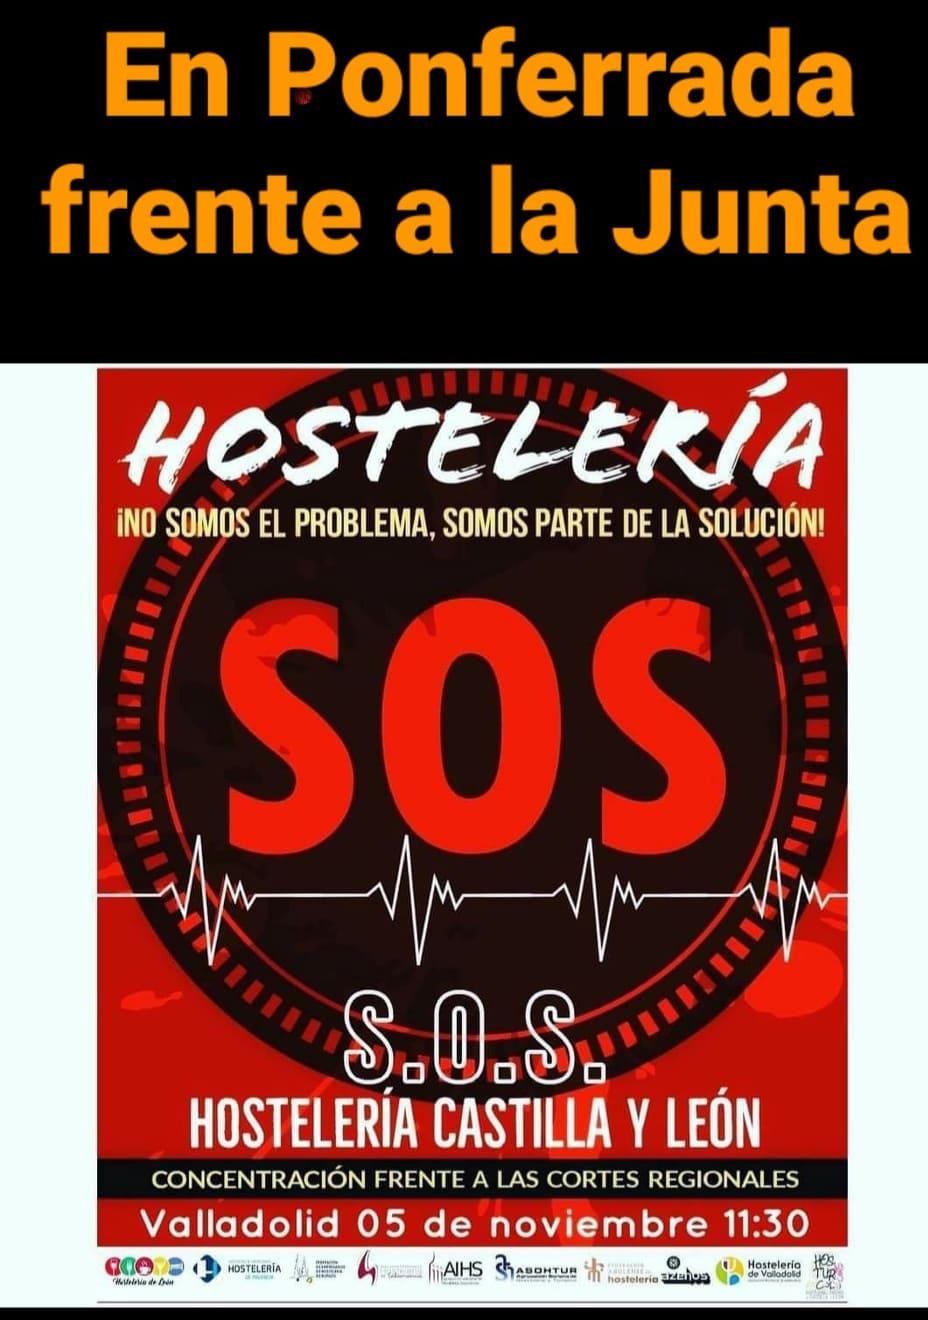 La hostelería berciana lanza un S.O.S. con una concentración el próximo jueves ante la Delegación de la Junta de Castilla y León en Ponferrada 2